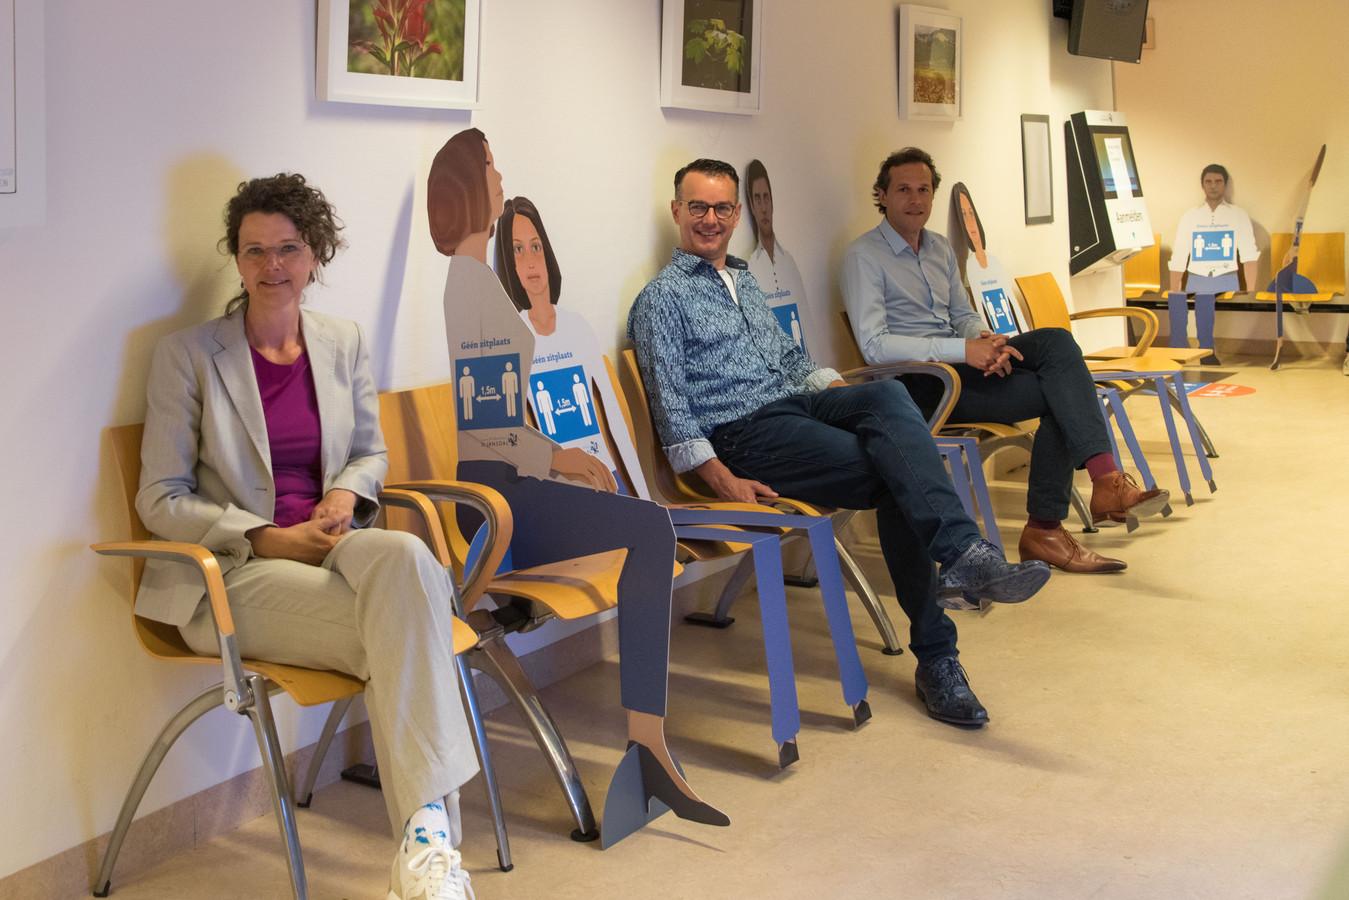 Kartonnen poppen in de wachtkamers van ziekenhuis St Jansdal. Bestuursvoorzitter  Relinde Weil, Jaap Driest (MDL arts en voorzitter medische staf) en Nanno Kruizinga, coördinator opstart reguliere zorg